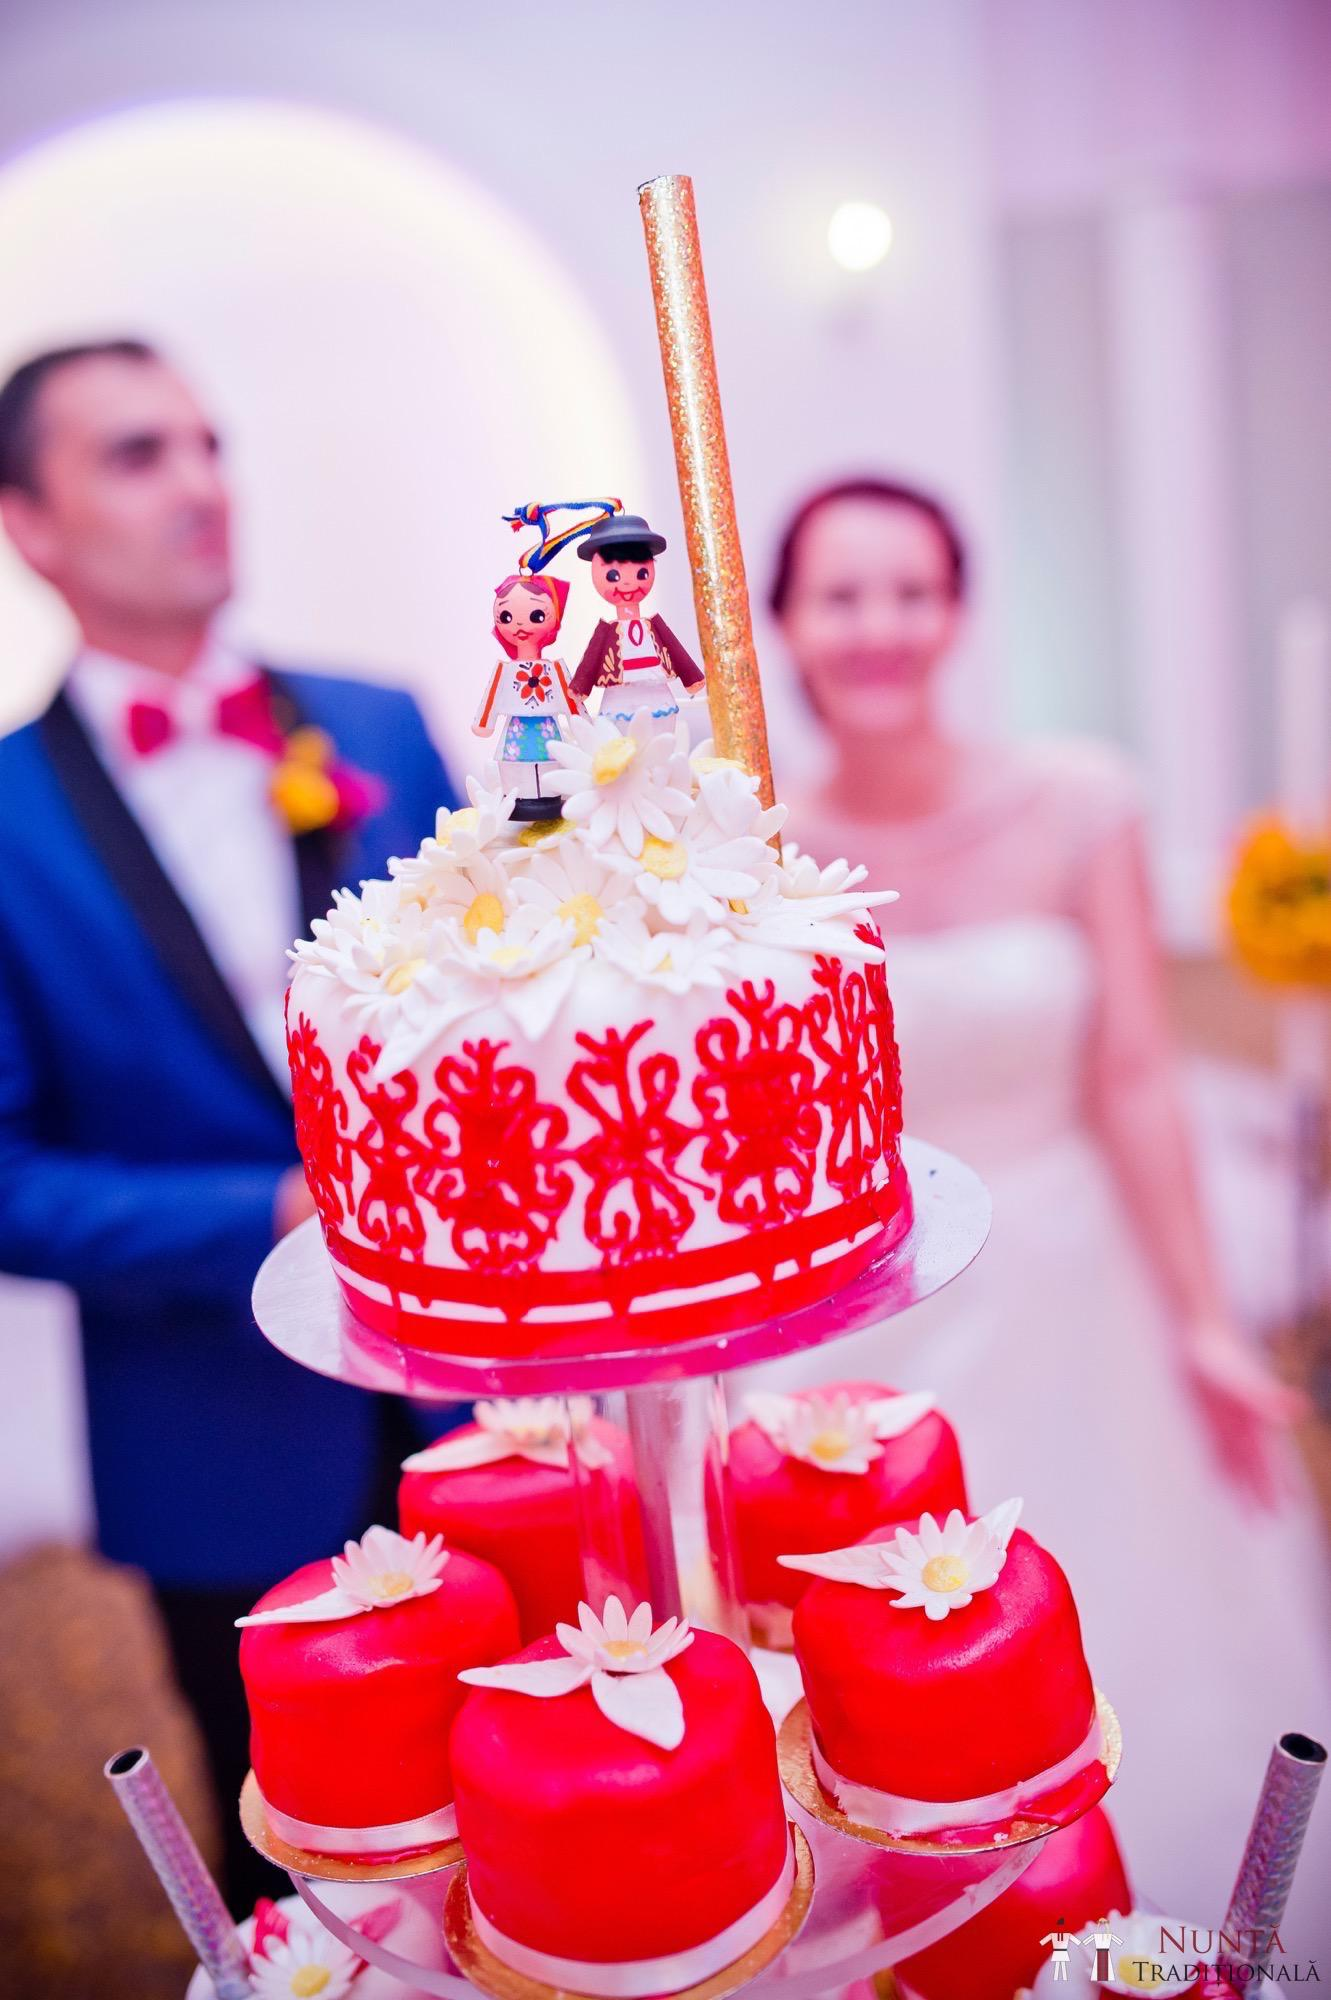 Povești Nunți Tradiționale - Gabriela și Mădălin - Nuntă Tradițională în Suceava, Bucovina 40